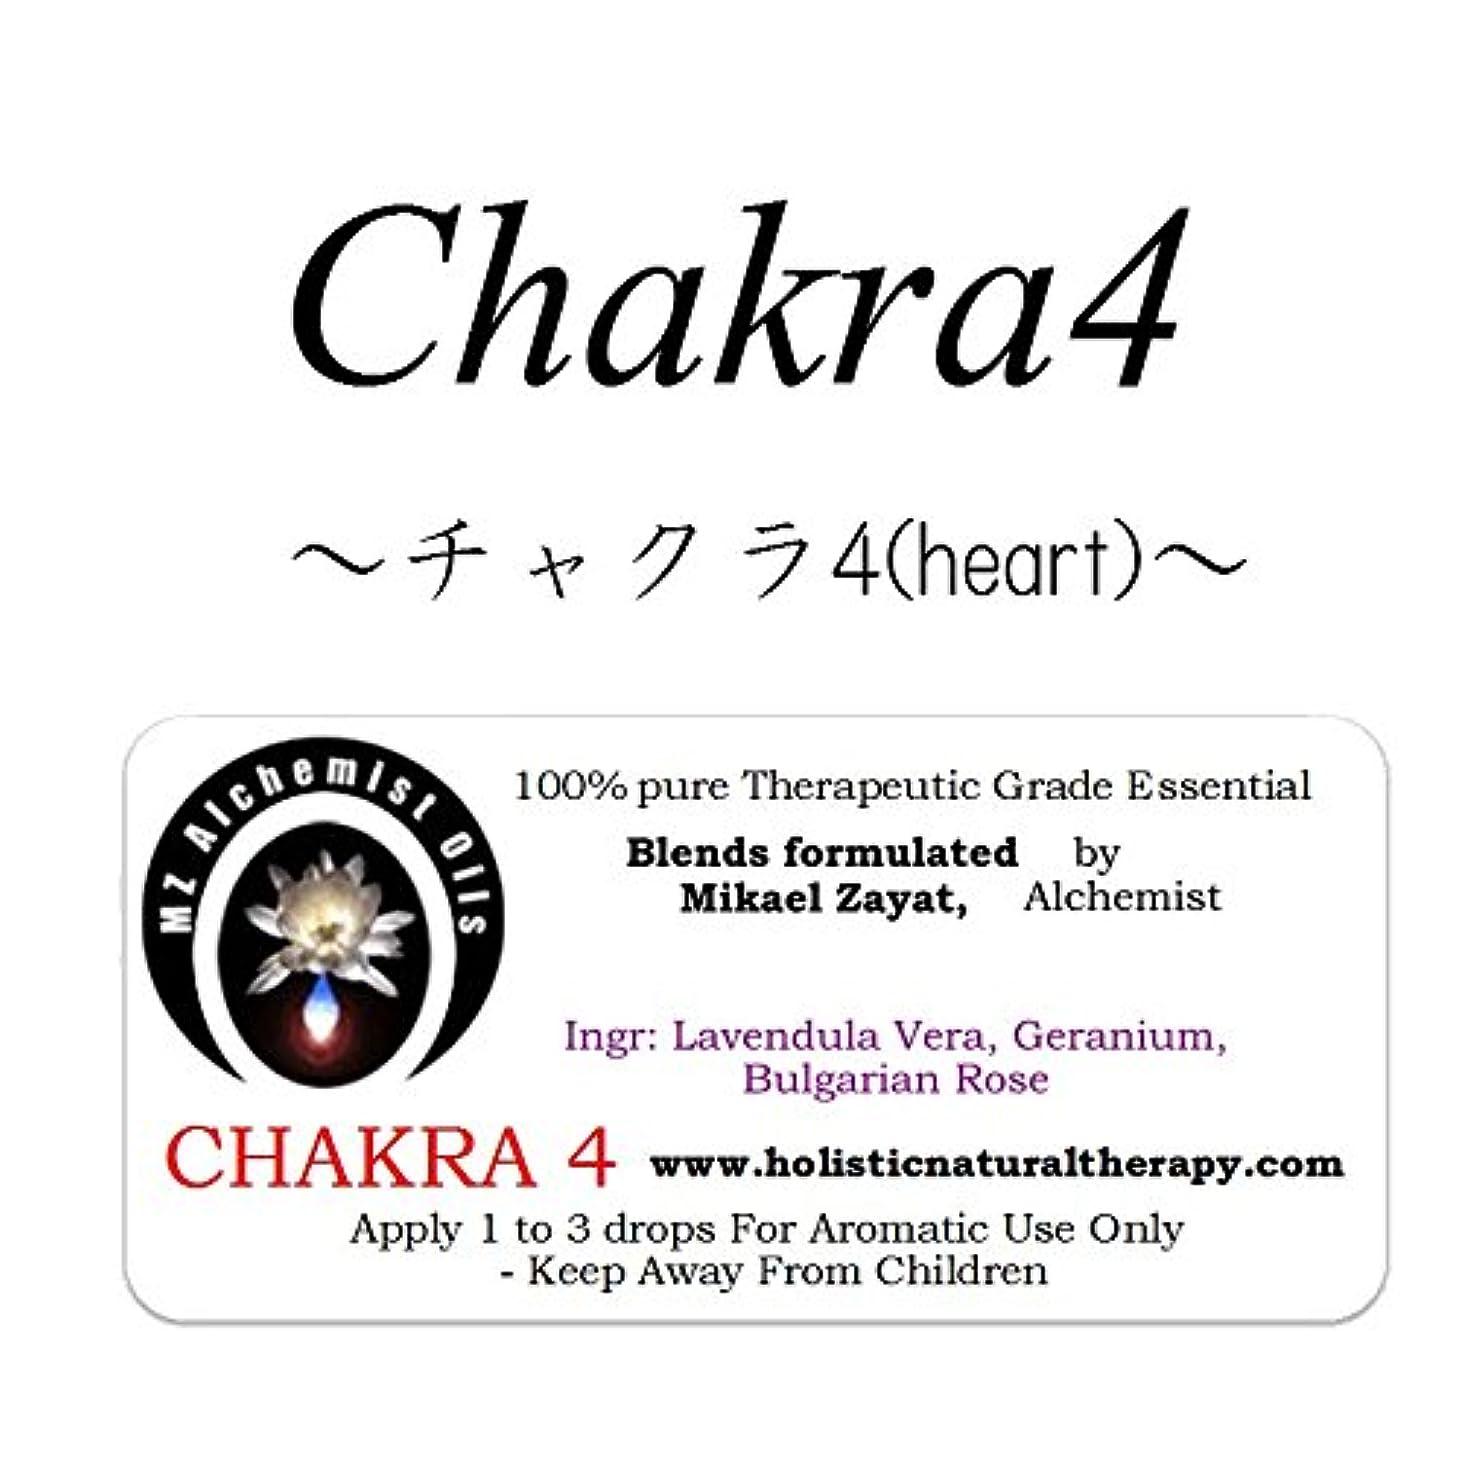 賄賂試してみる柱ミカエル?ザヤットアルケミストオイル セラピストグレードアロマオイル Chakra 4(heart)-チャクラ4 - 4ml